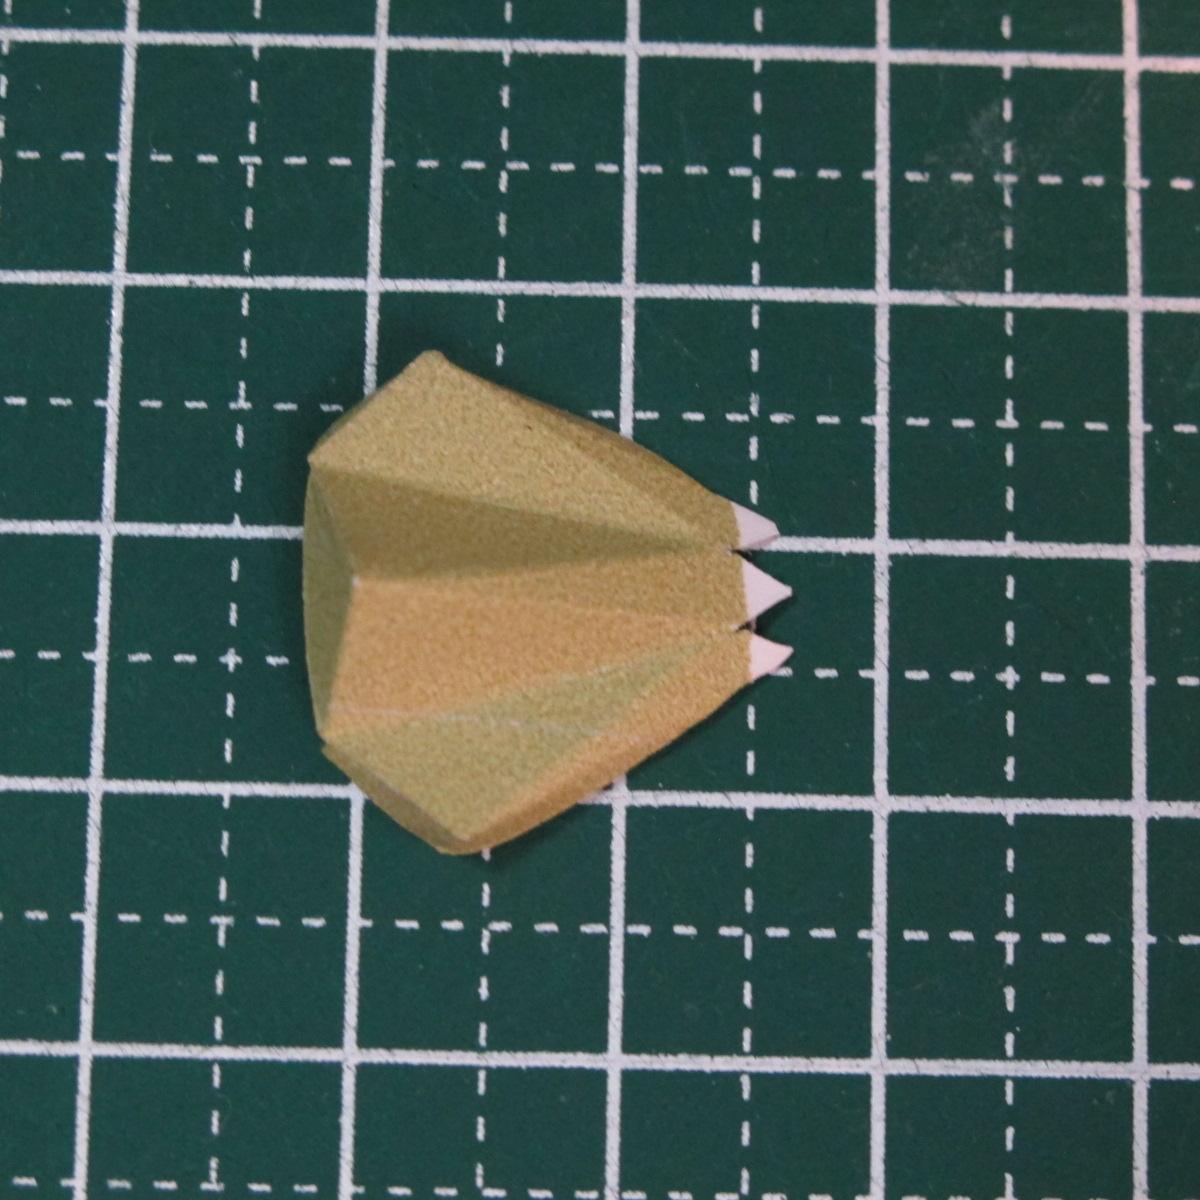 วิธีการทำโมเดลกระดาษเป็นสตอเบอรี่สีแดง 004